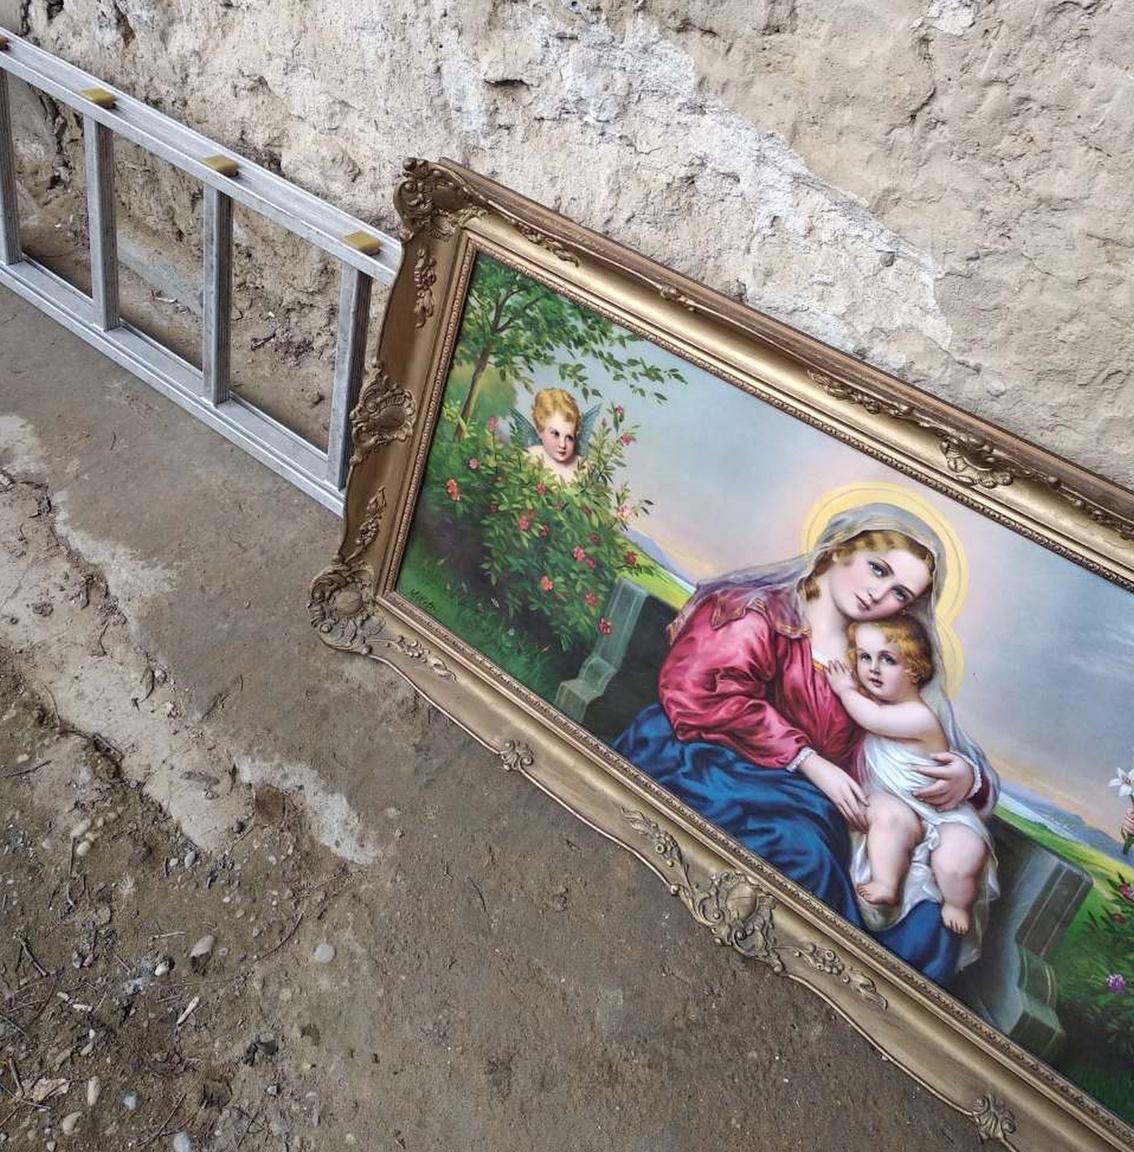 Nemcsak a festmény szépsége, hanem a róla készült rendőrségi fotó egyedi stílusa miatt is tökéletes darab ez az idei válogatáshoz. Februárban lopták el a Szűz Máriát, kis Jézust és a bokorból kukkoló puttót ábrázoló képet Salgótarjánból, de rövid időn belül visszakerült jogos tulajdonosához a többi lopott holmival együtt. Egy másik fotóból az is kiderült, hogy a vallásos festmény jobb felső sarkát is visszakapta a tulaj, nem csak a többi hármat. Az élénk színű, giccses festményhez ennél kontrasztosabb, rusztikusabb hátteret direkt sem lehetett volna választani, nagyon jól sikerült. A belógó létra hab a tortán.